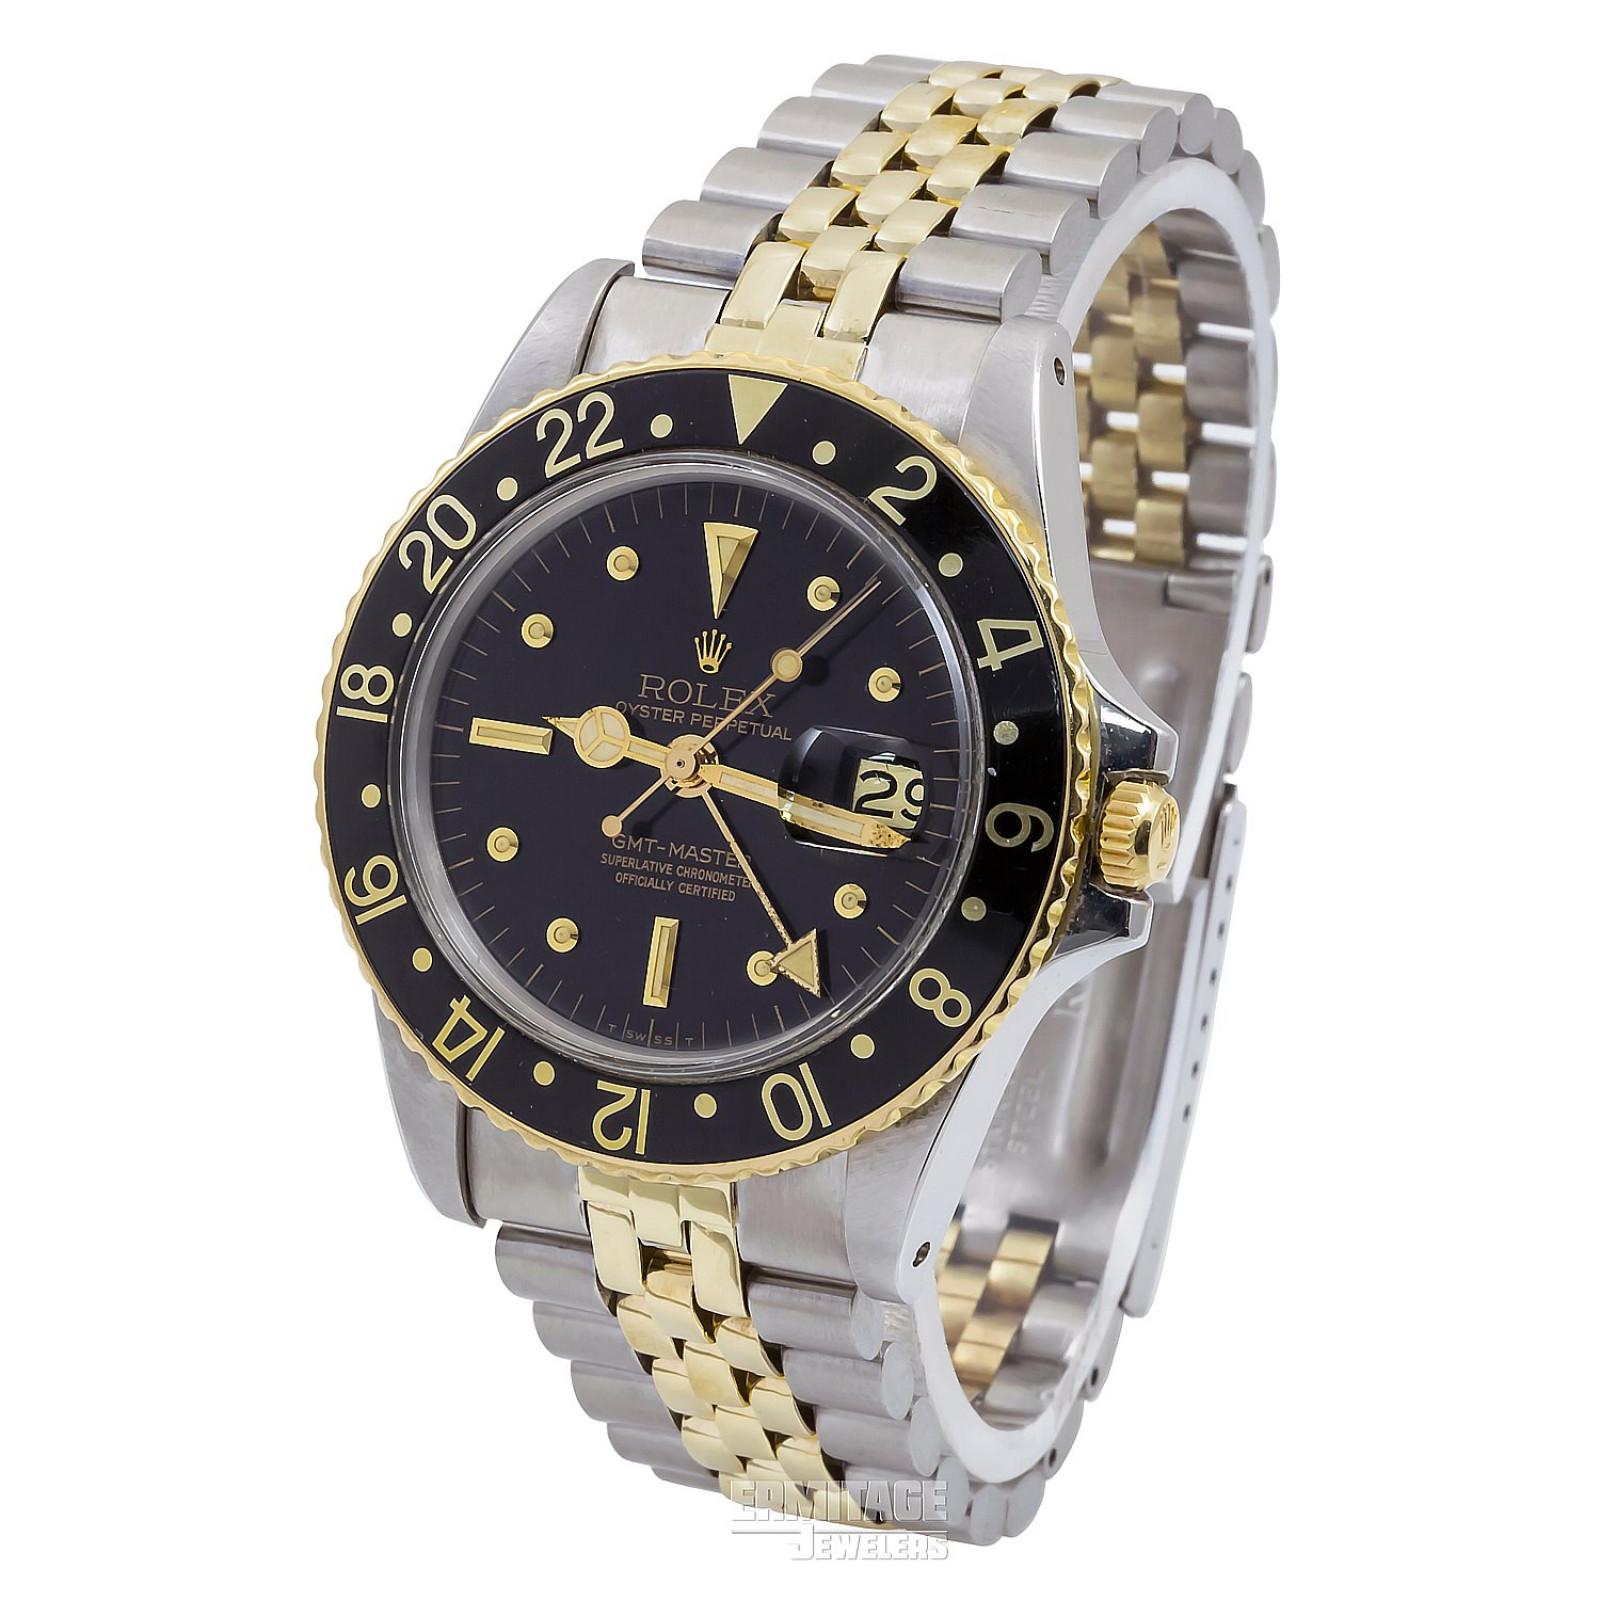 Rolex GMT-Master Ref. 1675